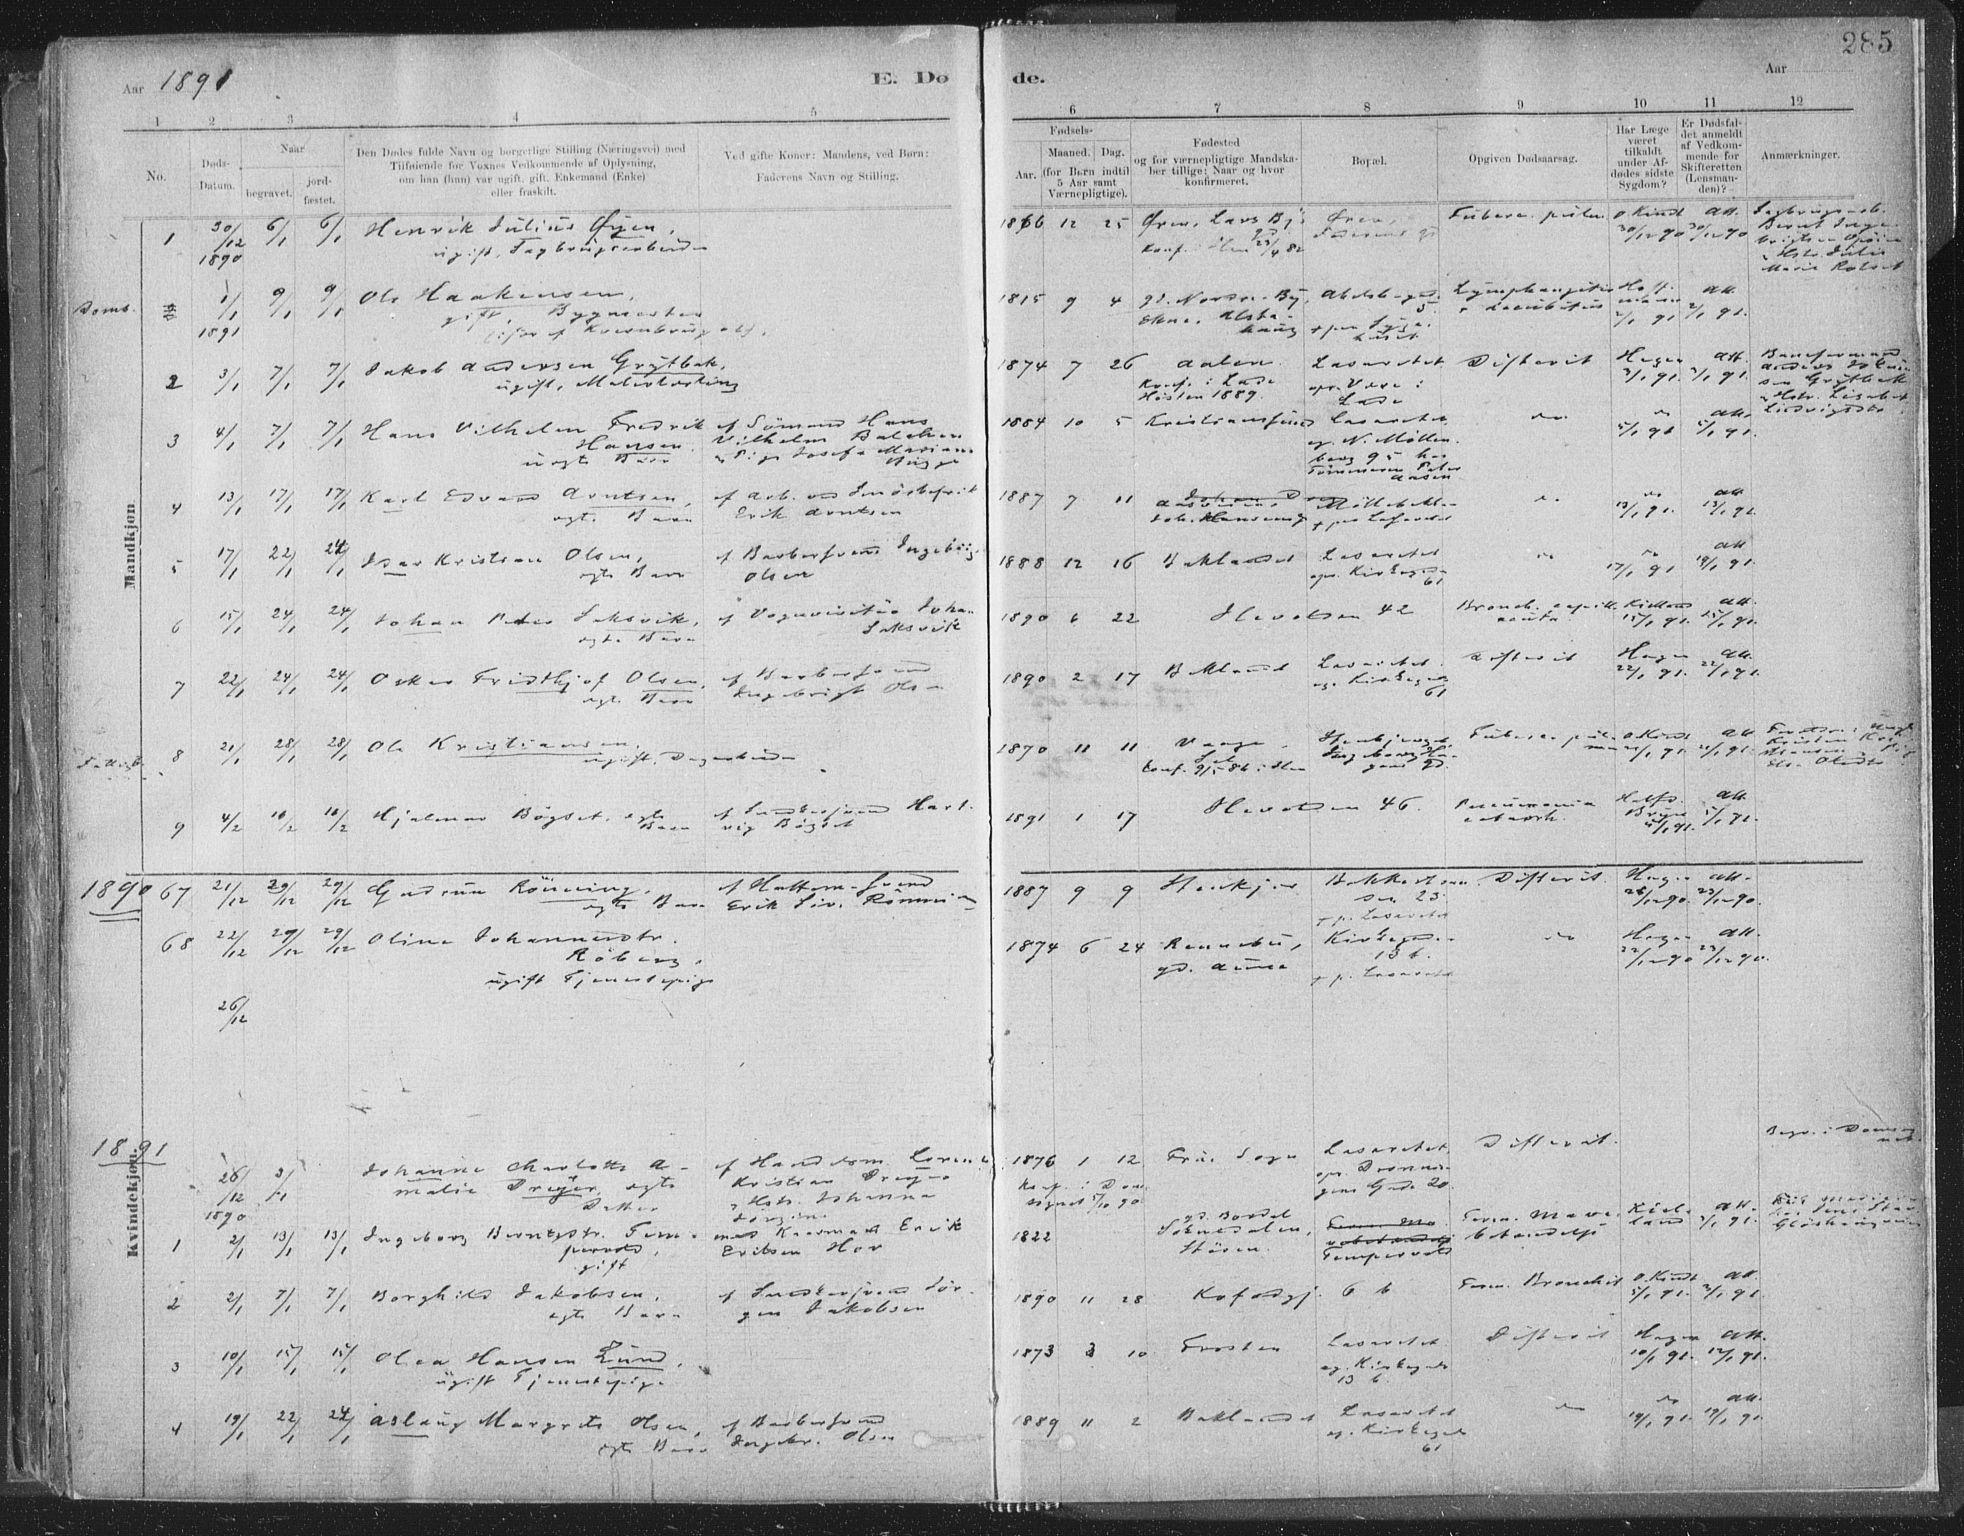 SAT, Ministerialprotokoller, klokkerbøker og fødselsregistre - Sør-Trøndelag, 603/L0162: Ministerialbok nr. 603A01, 1879-1895, s. 285